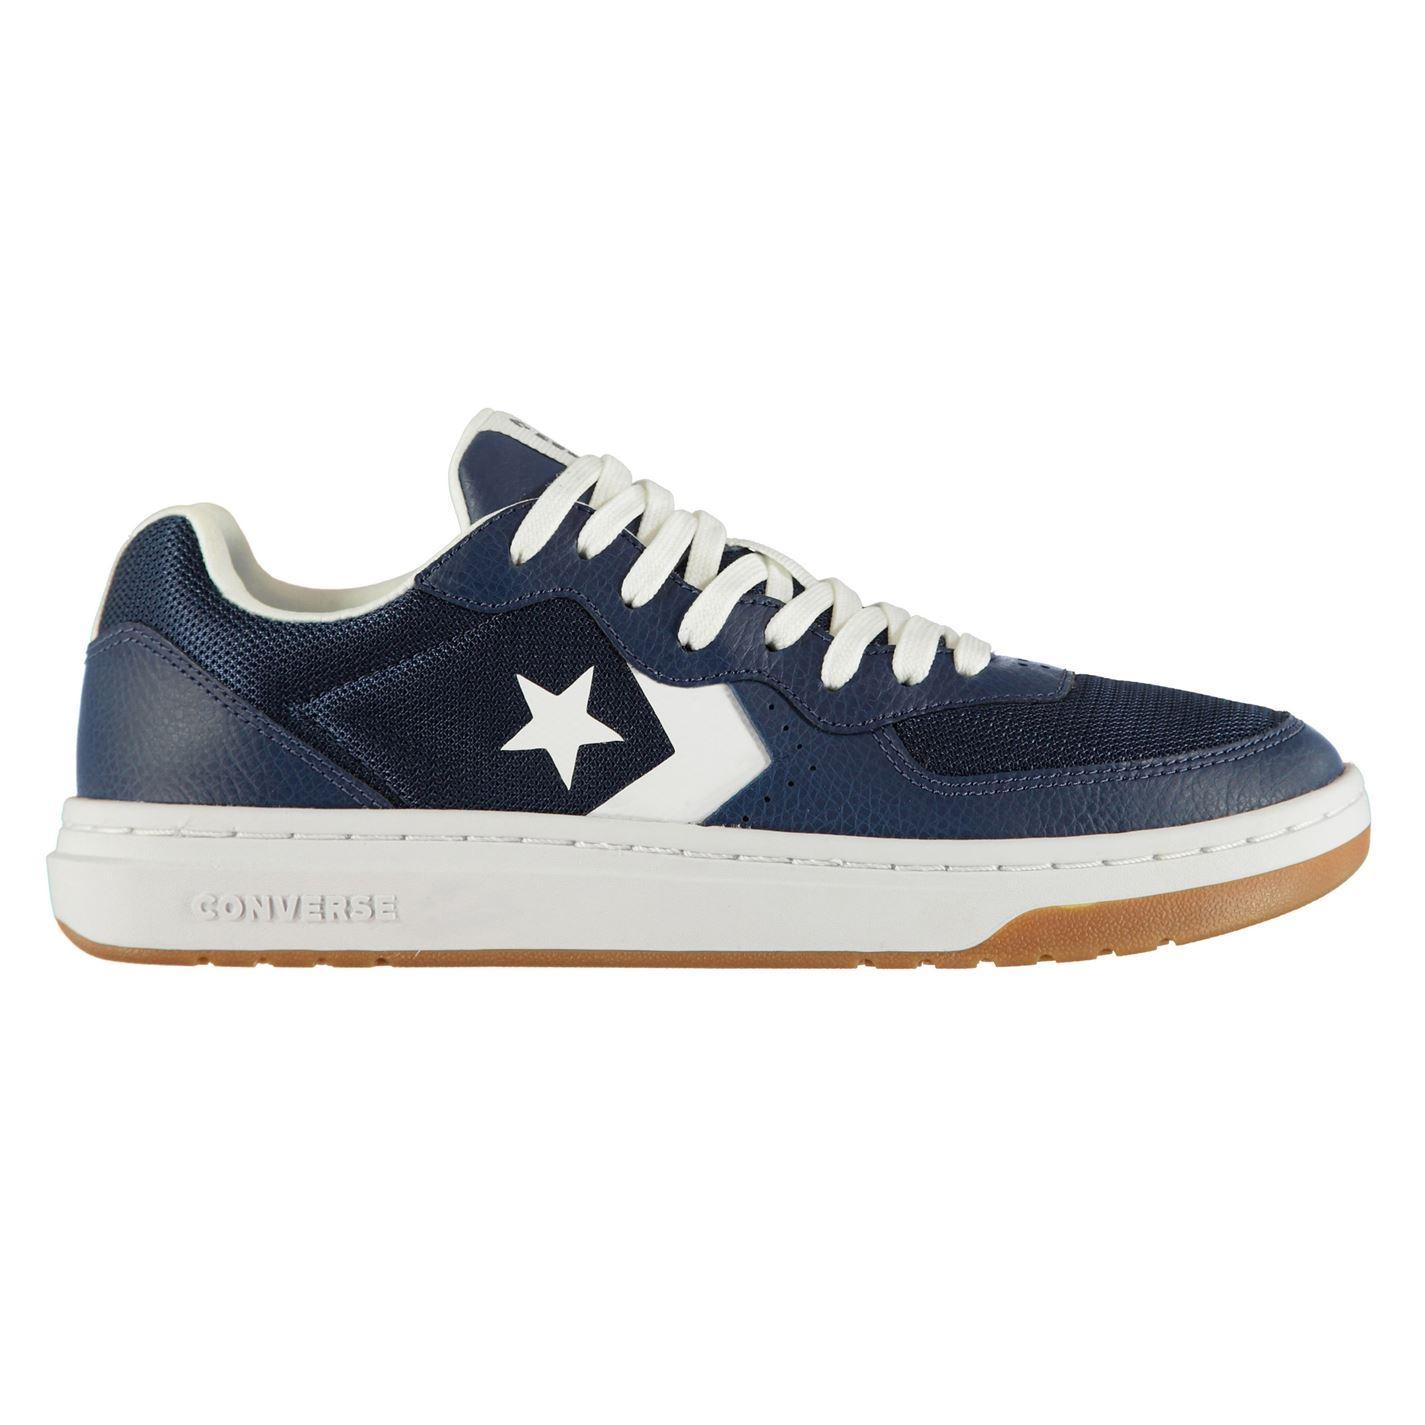 Converse-Rival-Baskets-Pour-Homme-Chaussures-De-Loisirs-Chaussures-Baskets miniature 17